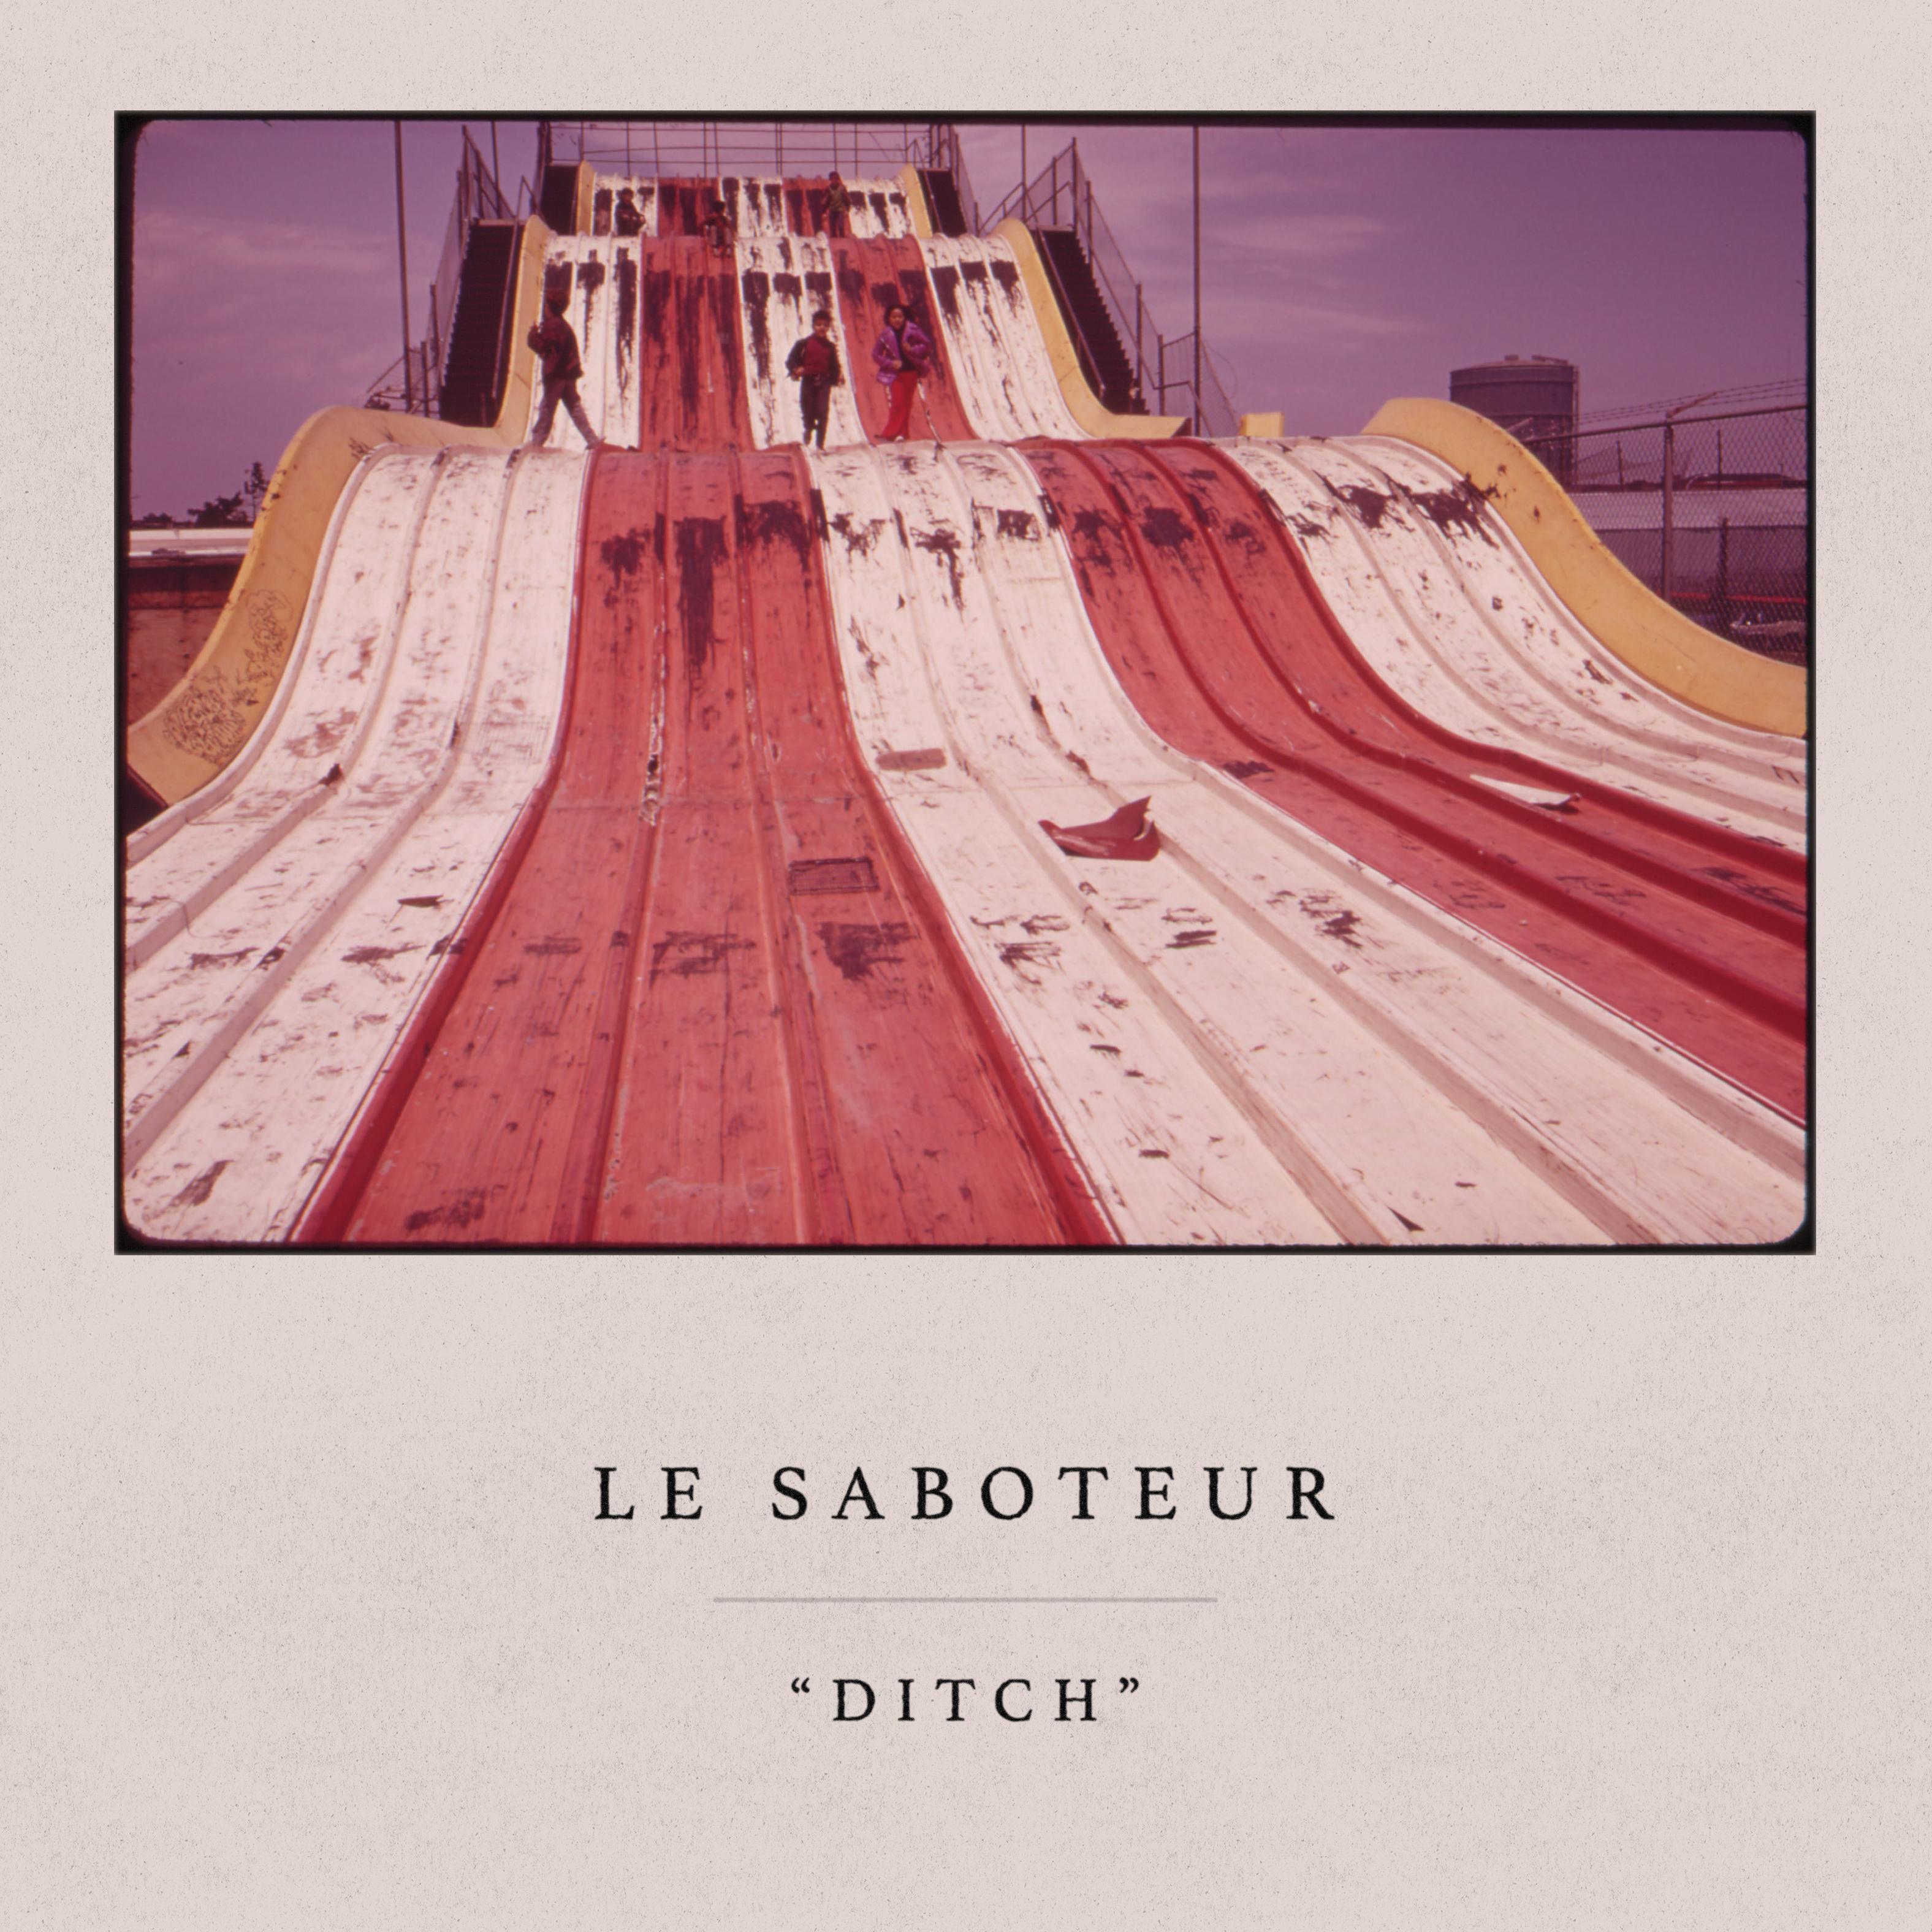 Le Saboteur - Ditch